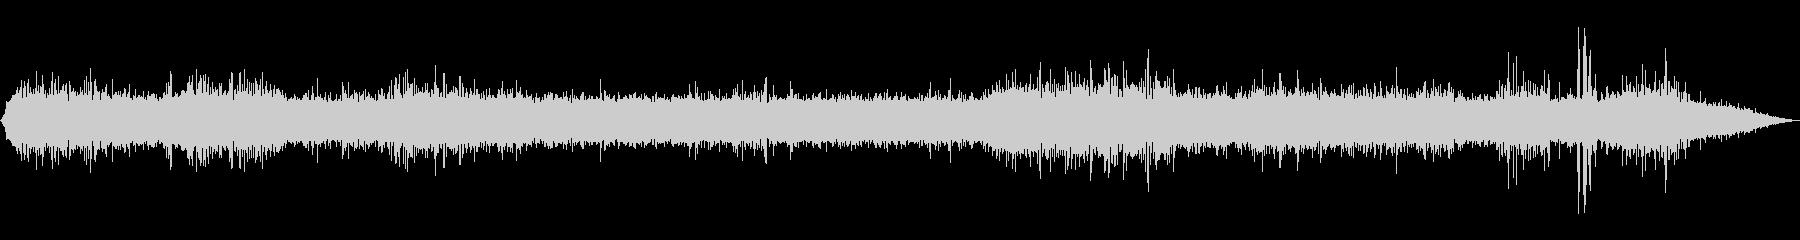 【自然音】川の流れる音02(軽井沢)の未再生の波形